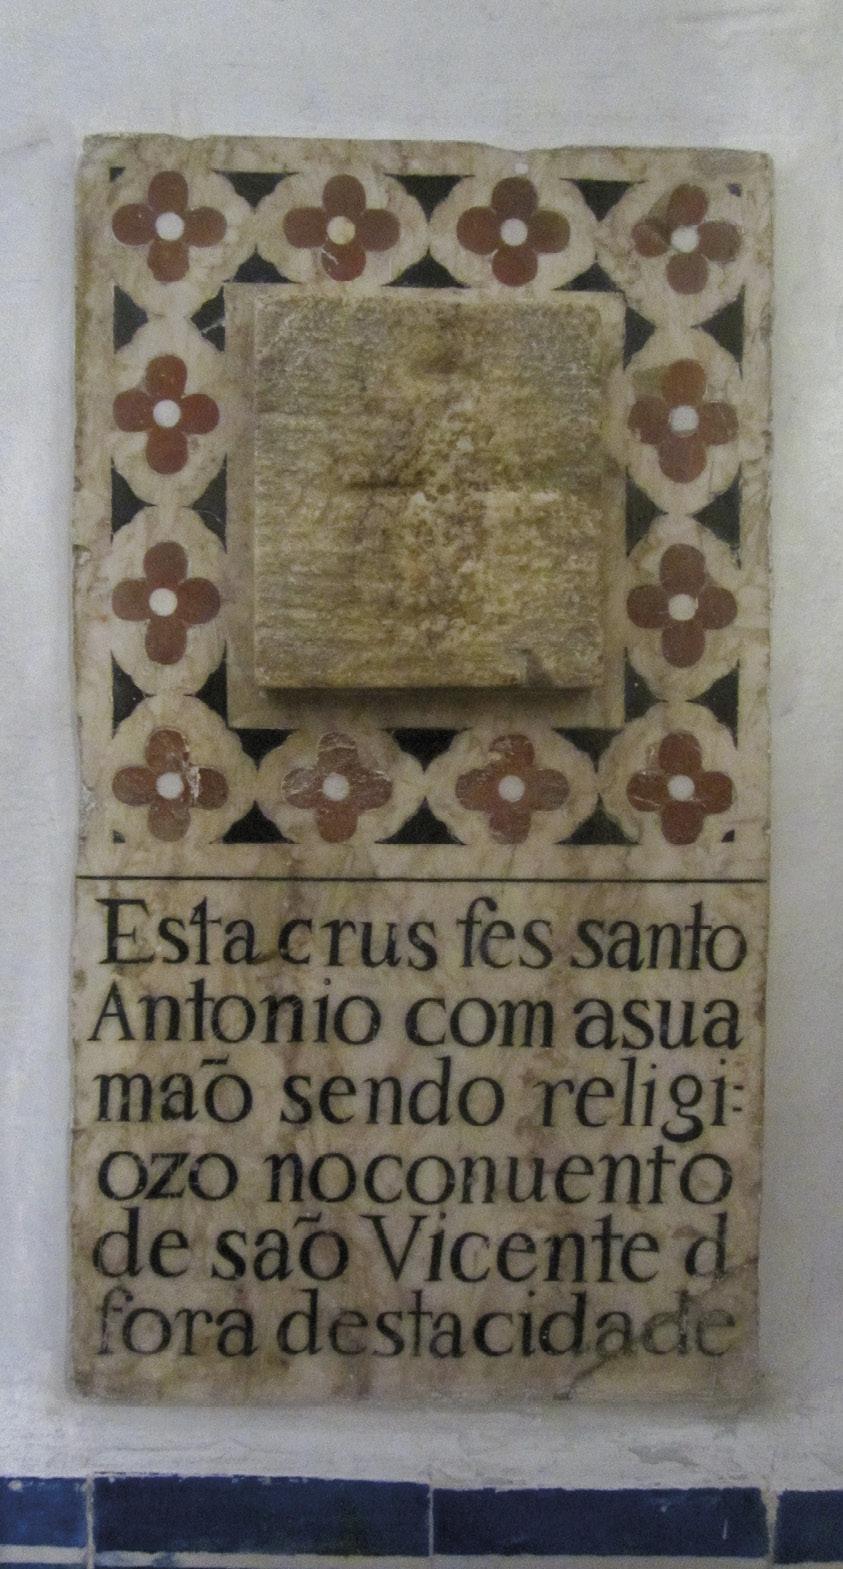 """Convento de São Pedro de Alcântara, Lisboa: """"Esta crus fes santo Antonio com a sua mão sendo religiozo no conuento de são Vicente d fora desta cidade""""."""